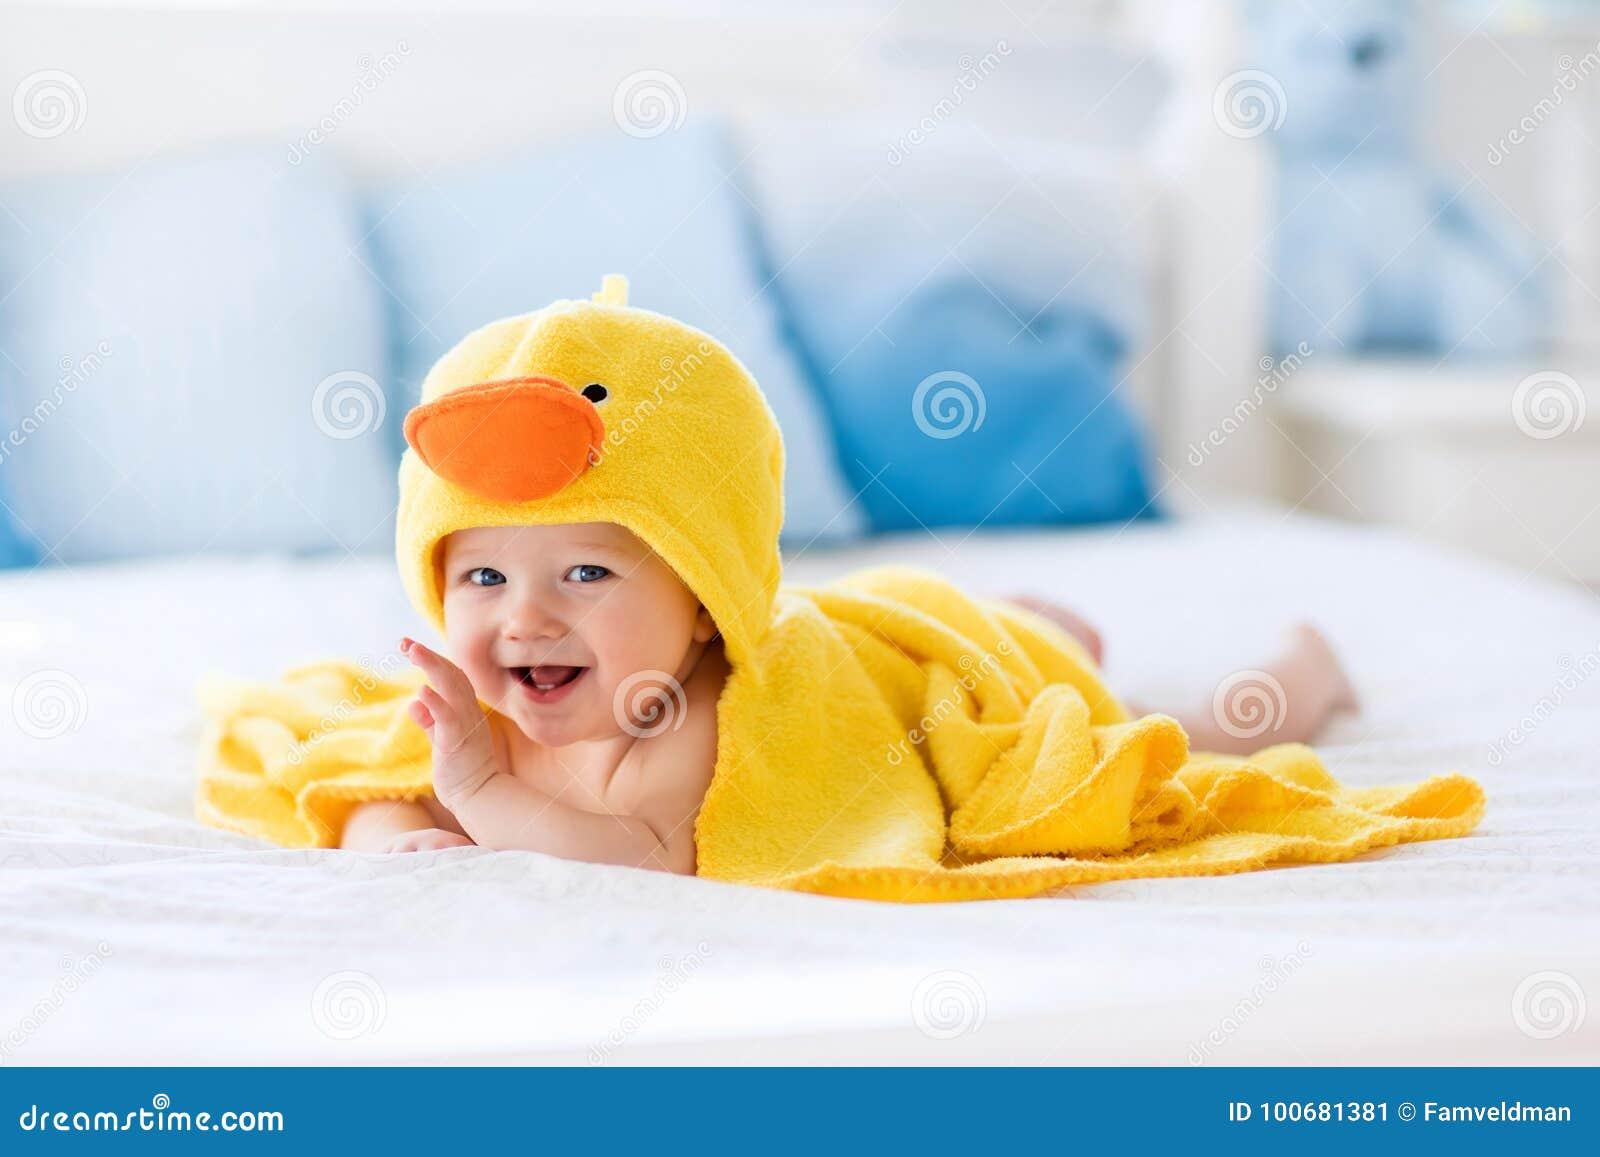 Милый младенец после ванны в желтом полотенце утки